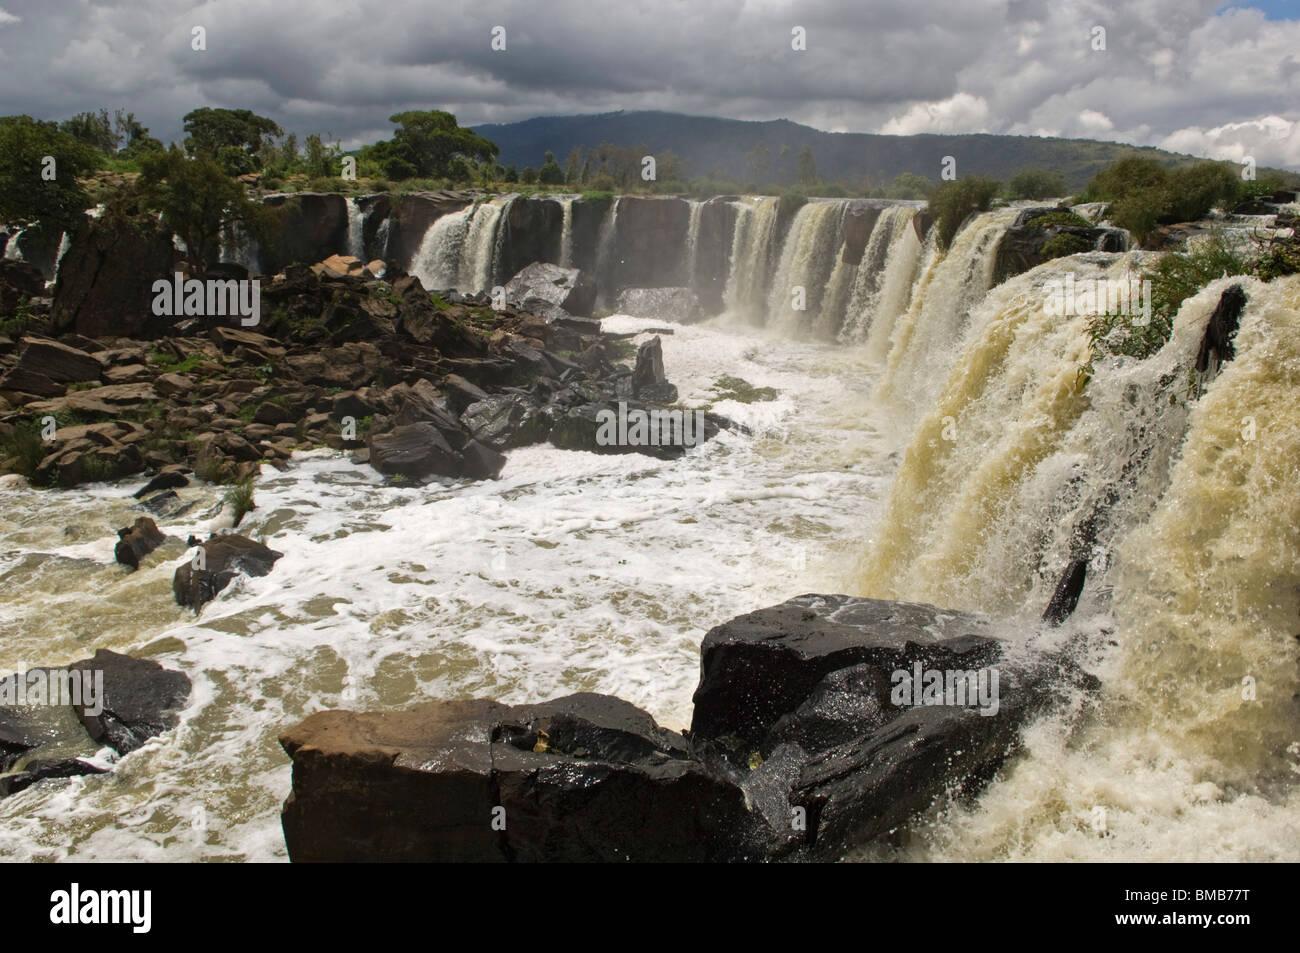 Catorce cae en el río Athi, cerca de Thika, Kenya Imagen De Stock